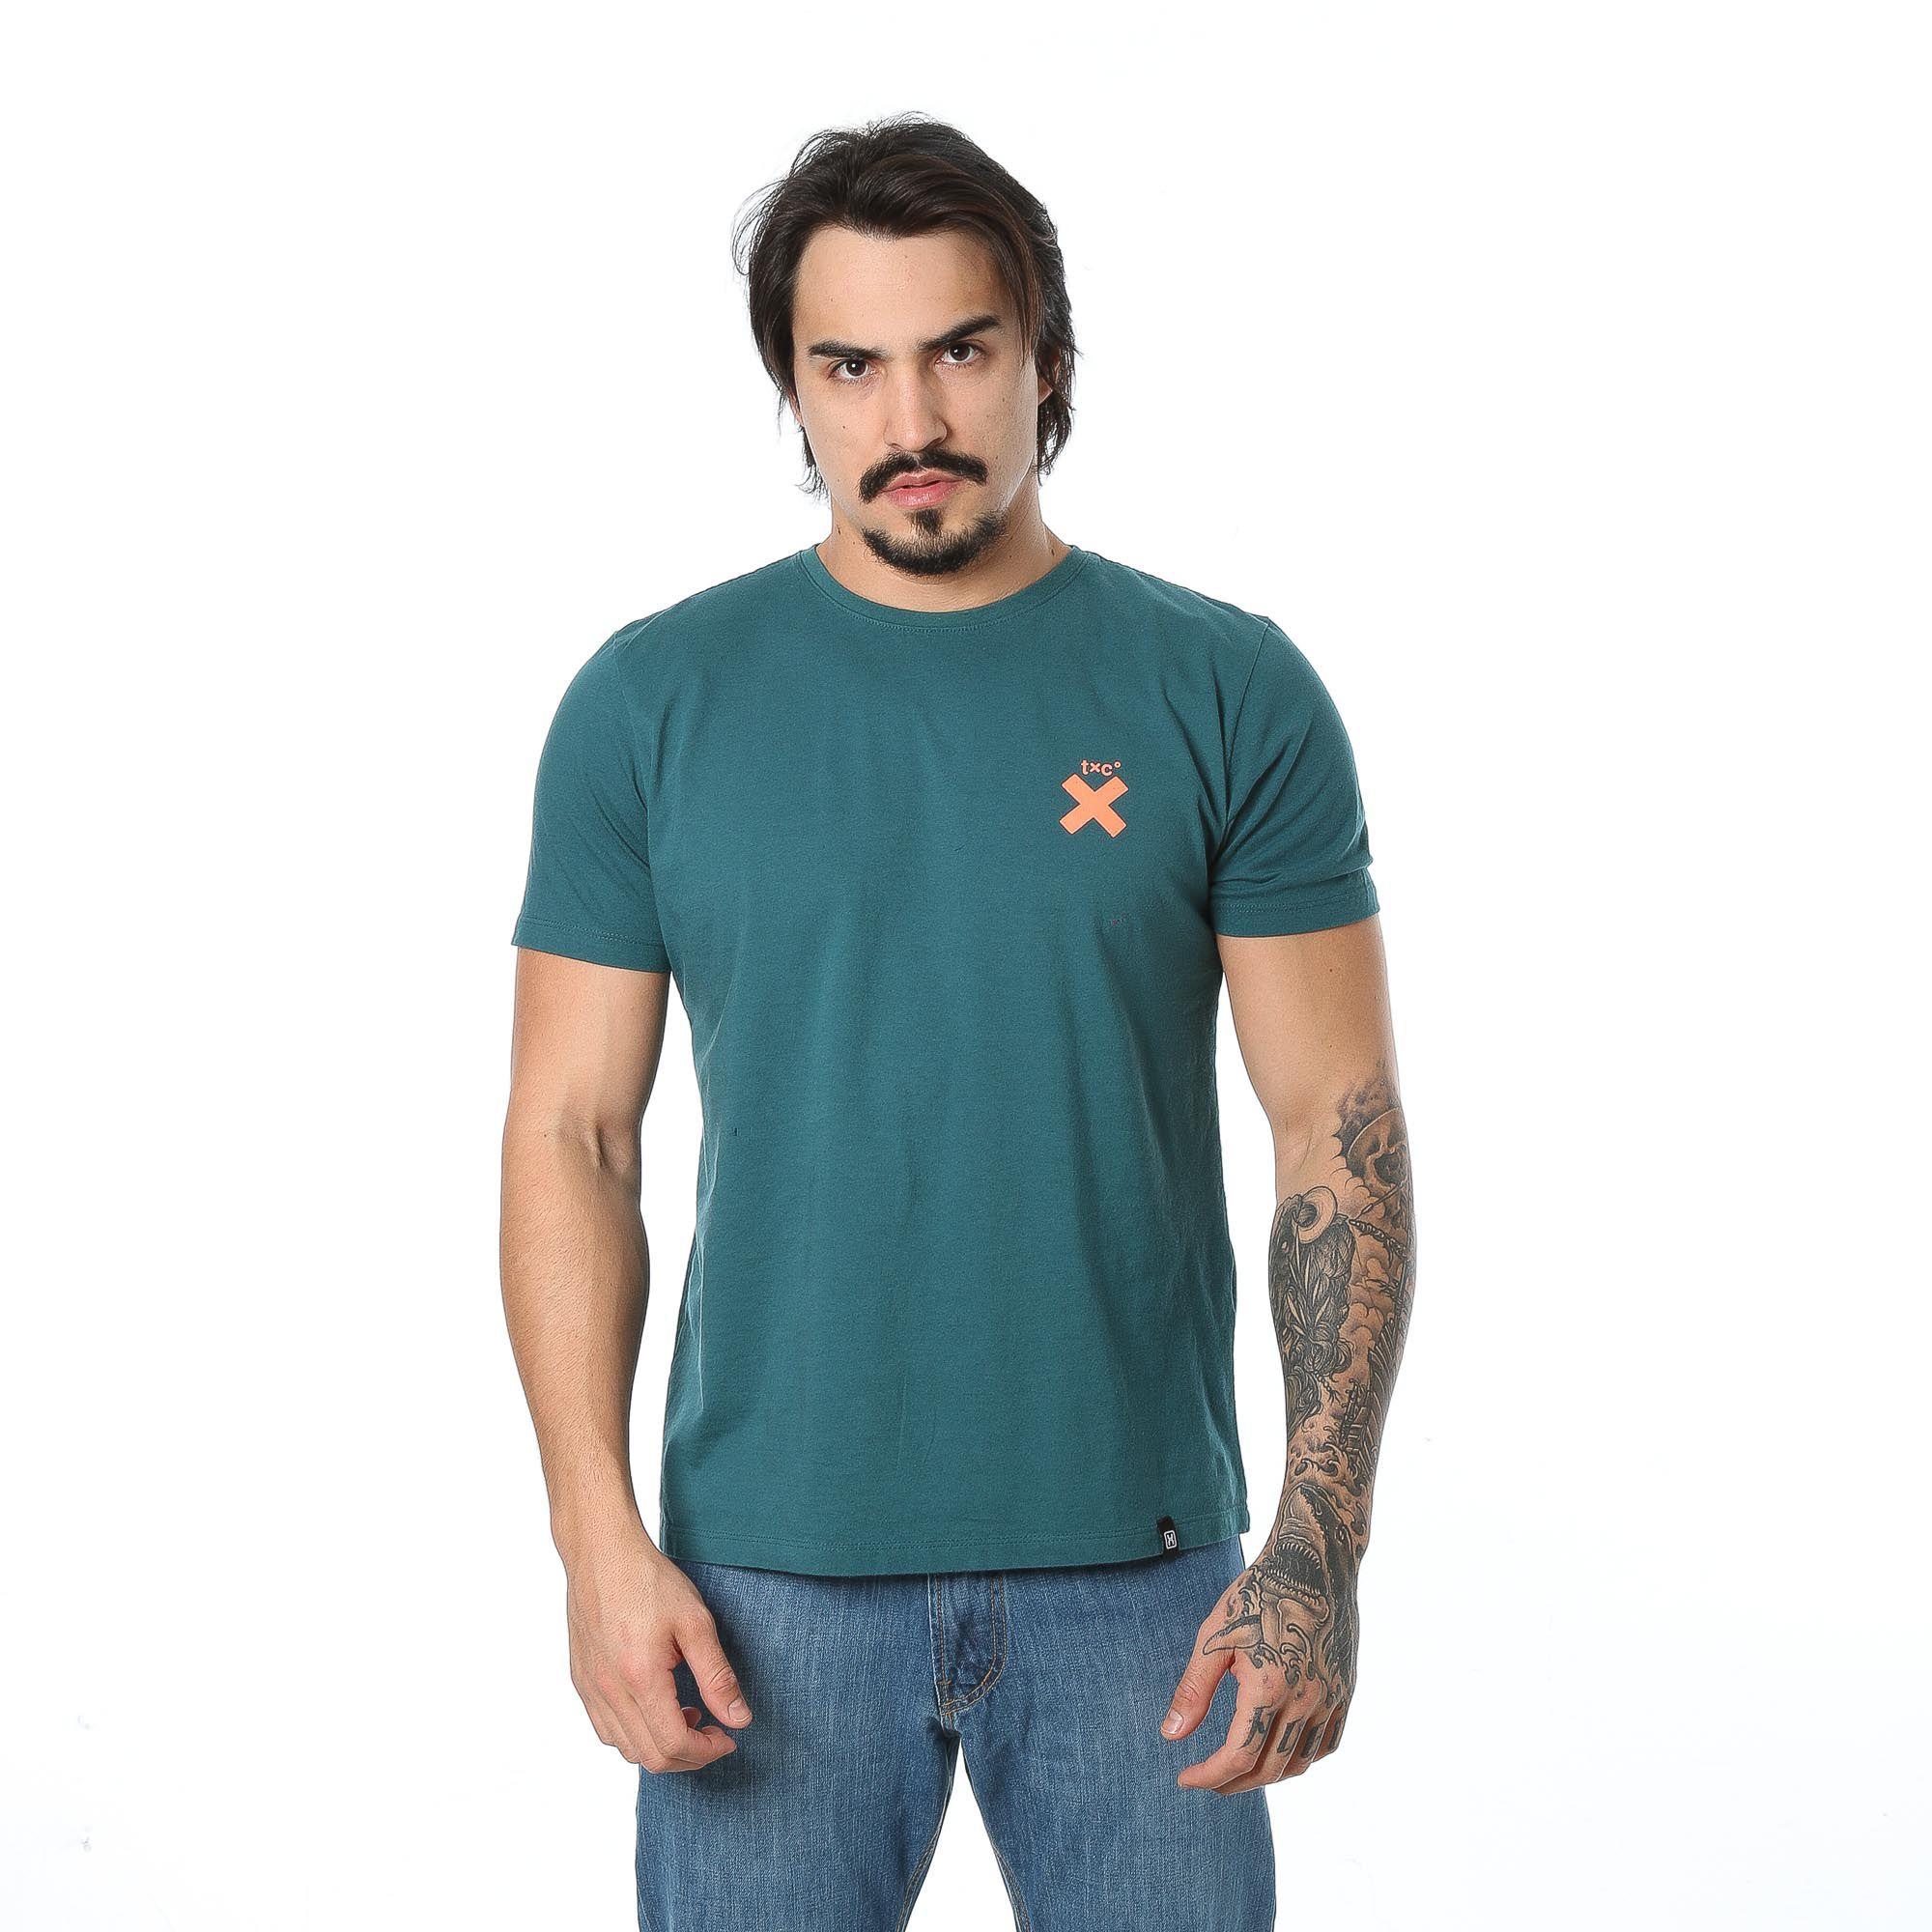 Camiseta TXC Brand 1715